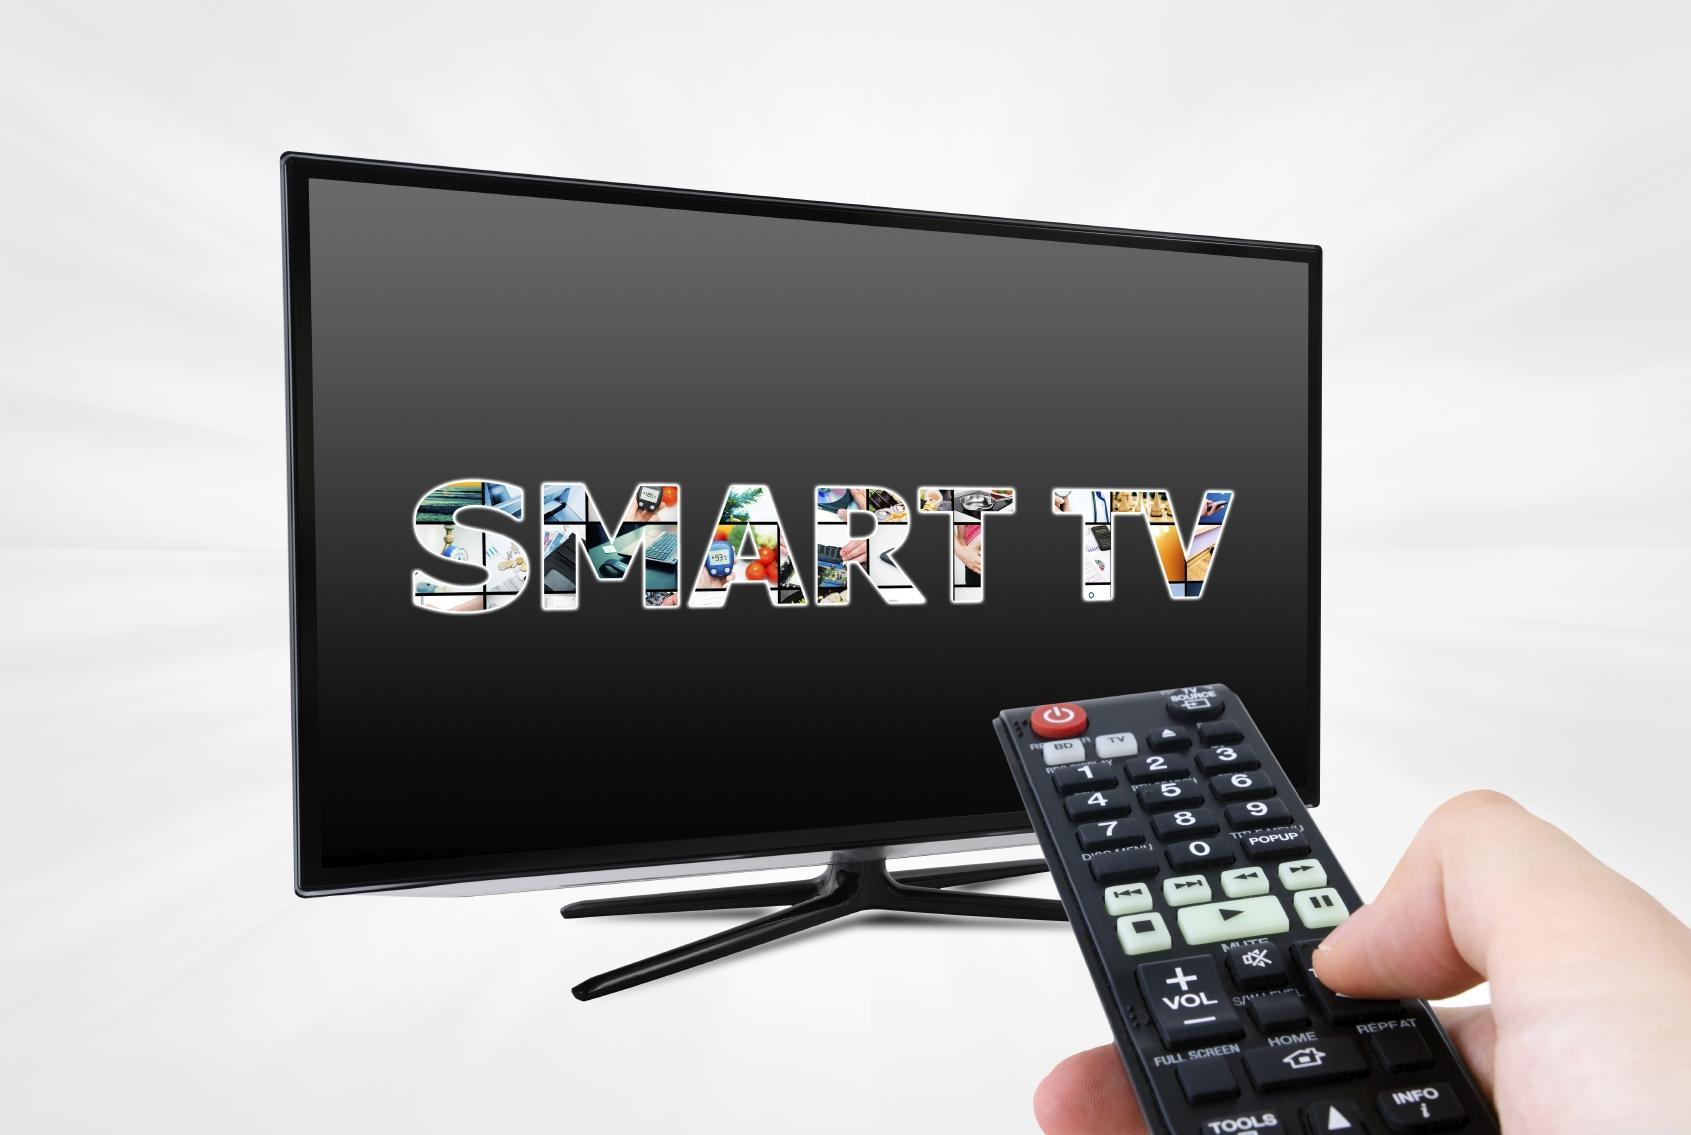 Smart TV device